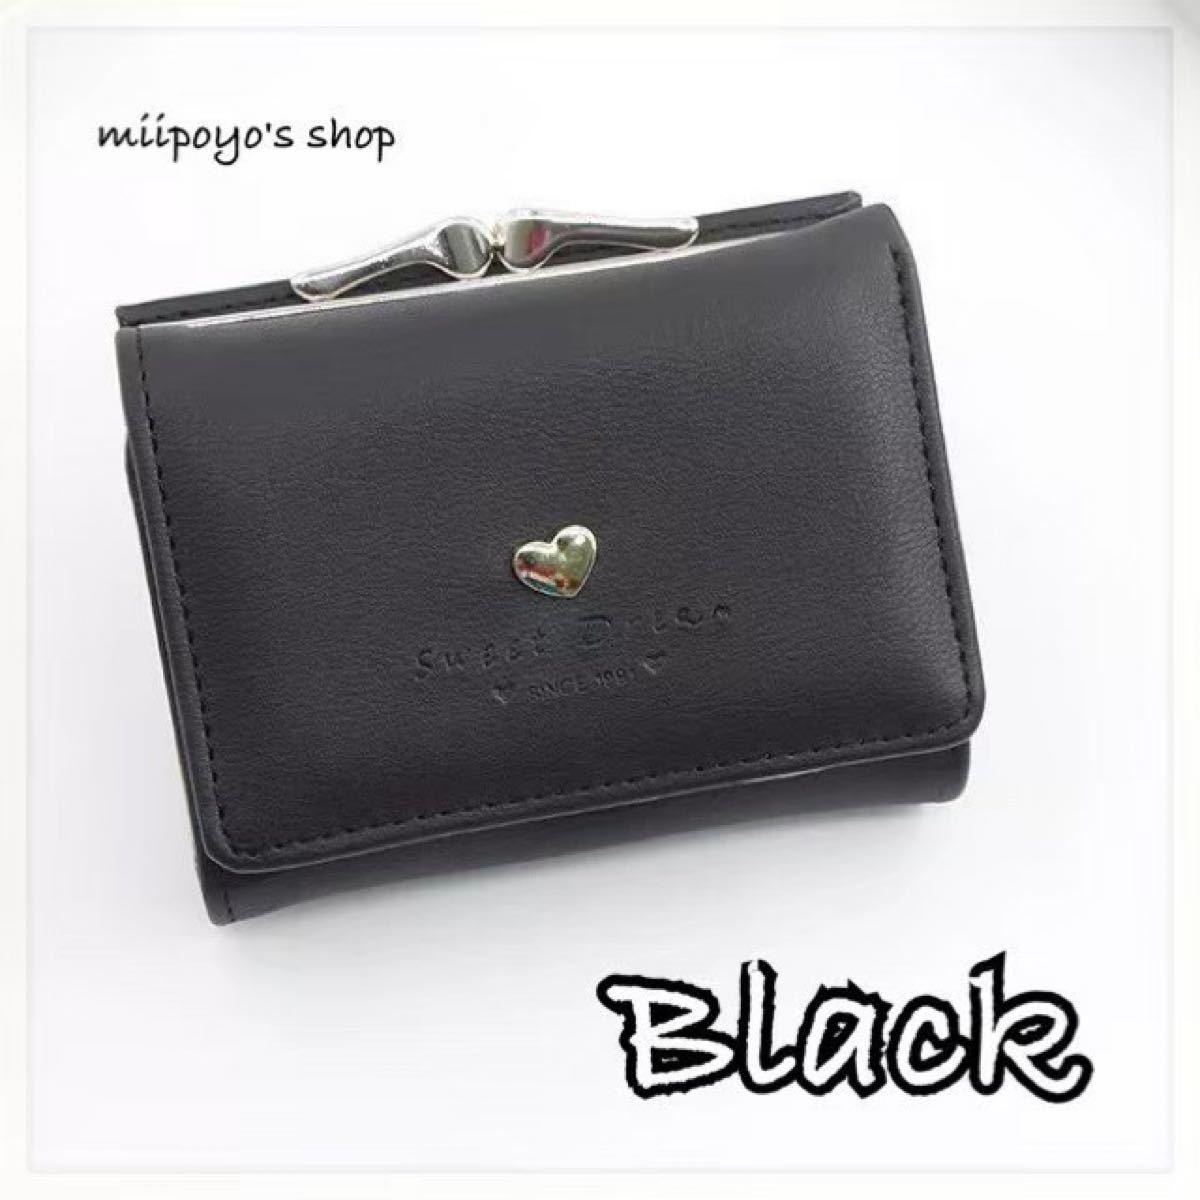 小銭入れ 三つ折り財布 コインケース ブラック 財布 ウォレット コンパクト